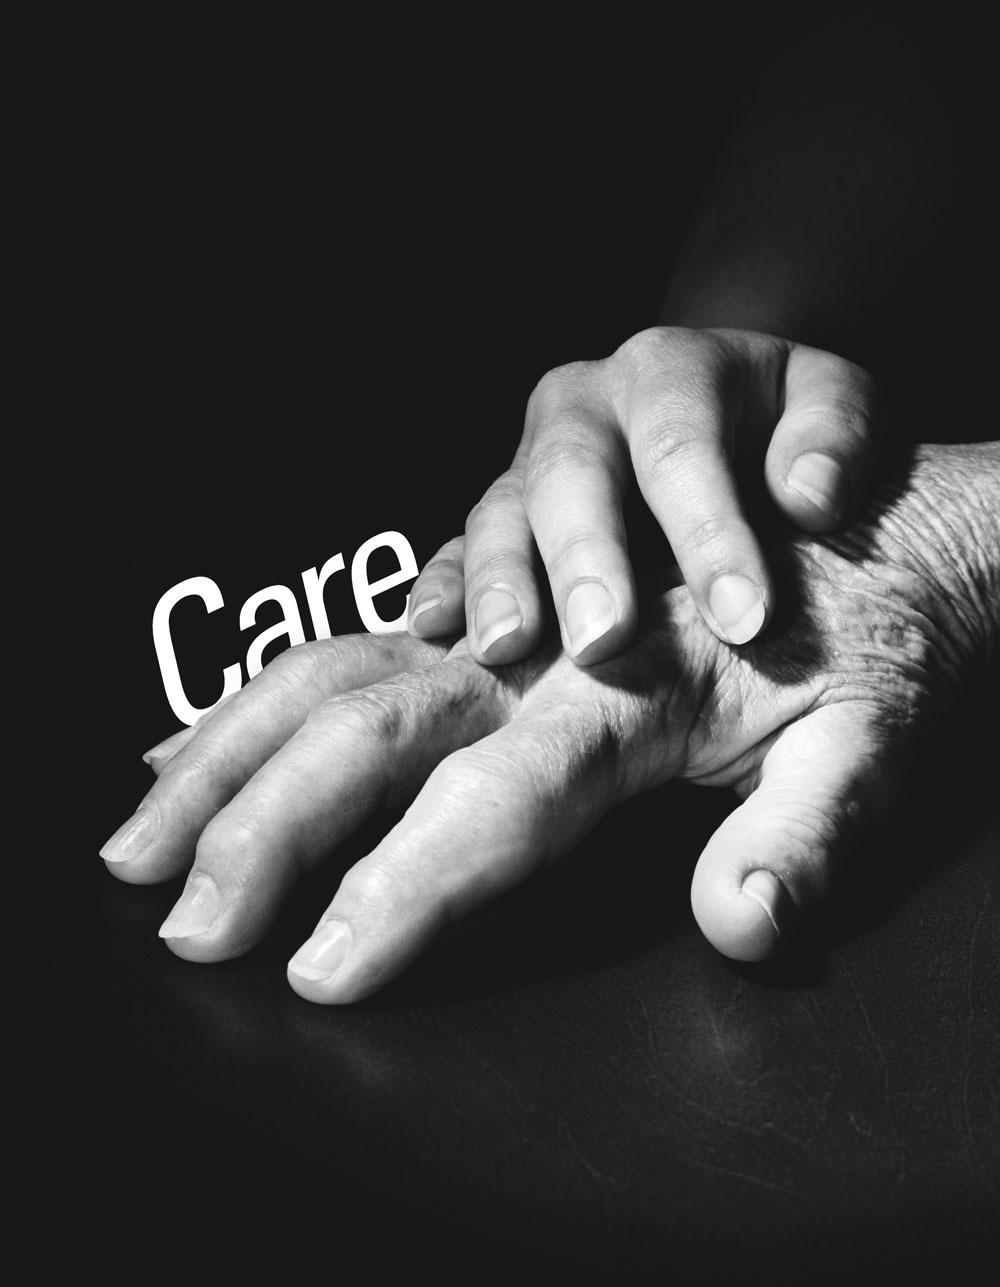 Care_MONO2